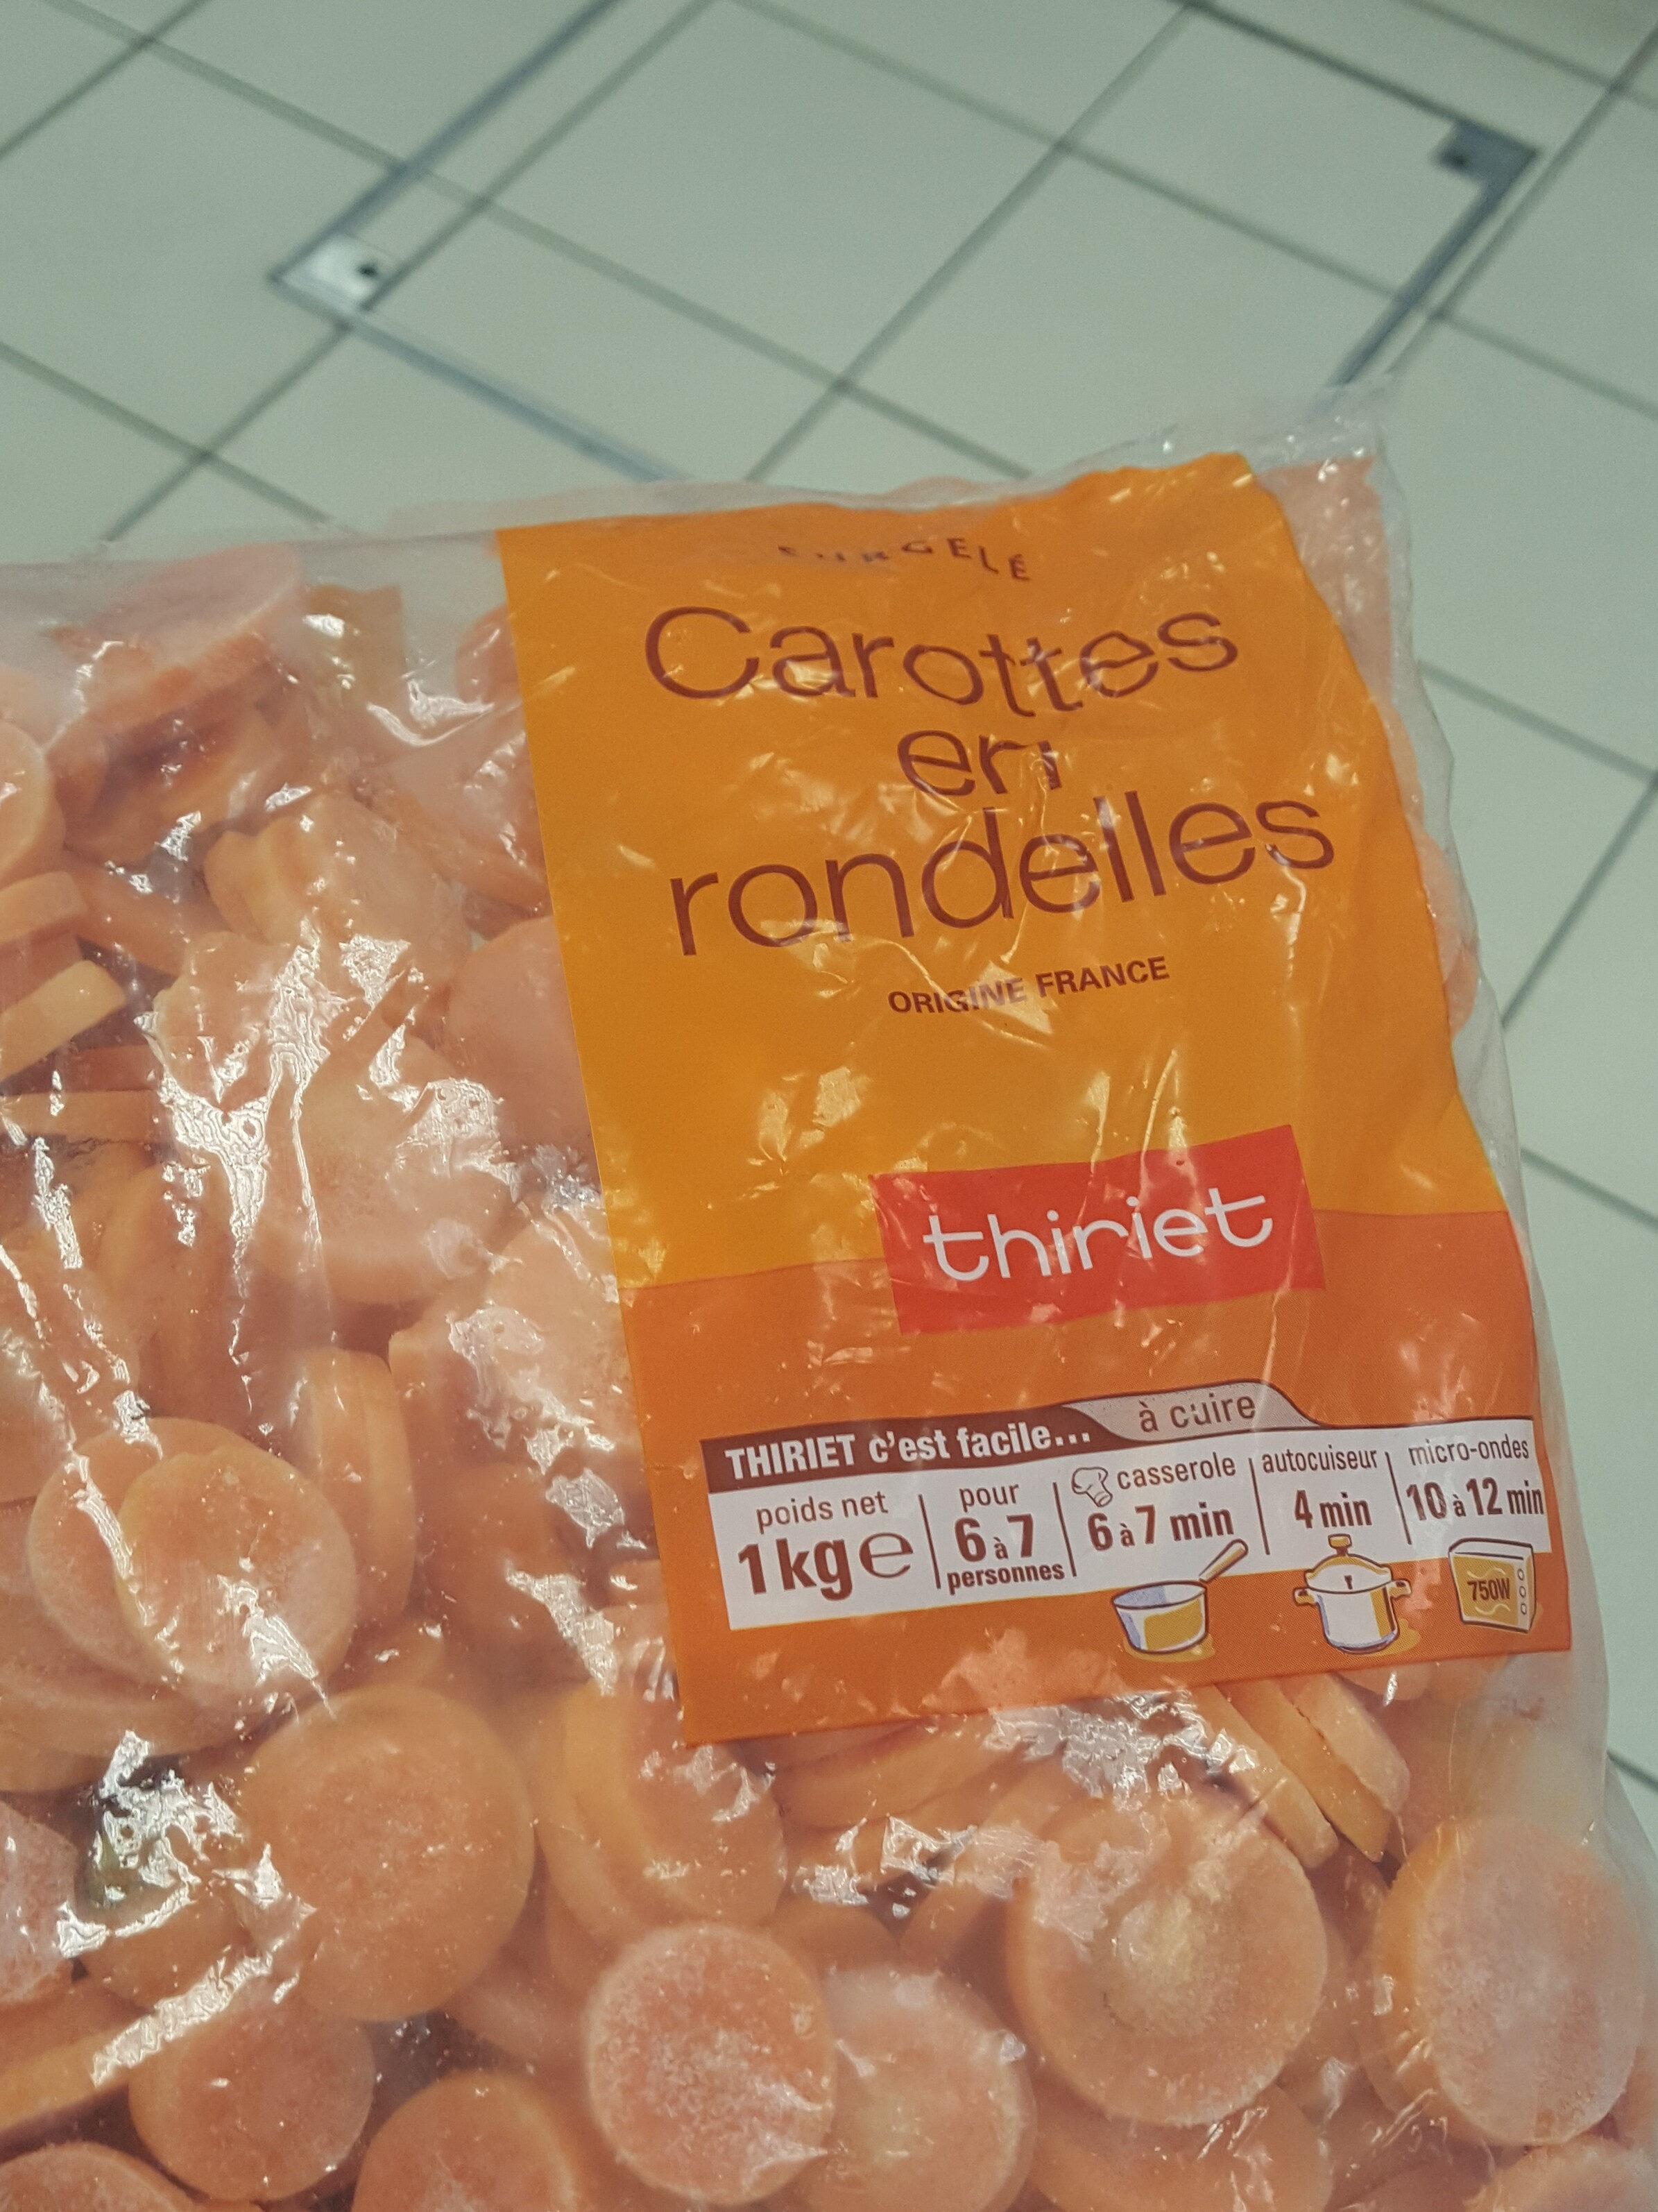 carottes en rondelle - Produit - fr